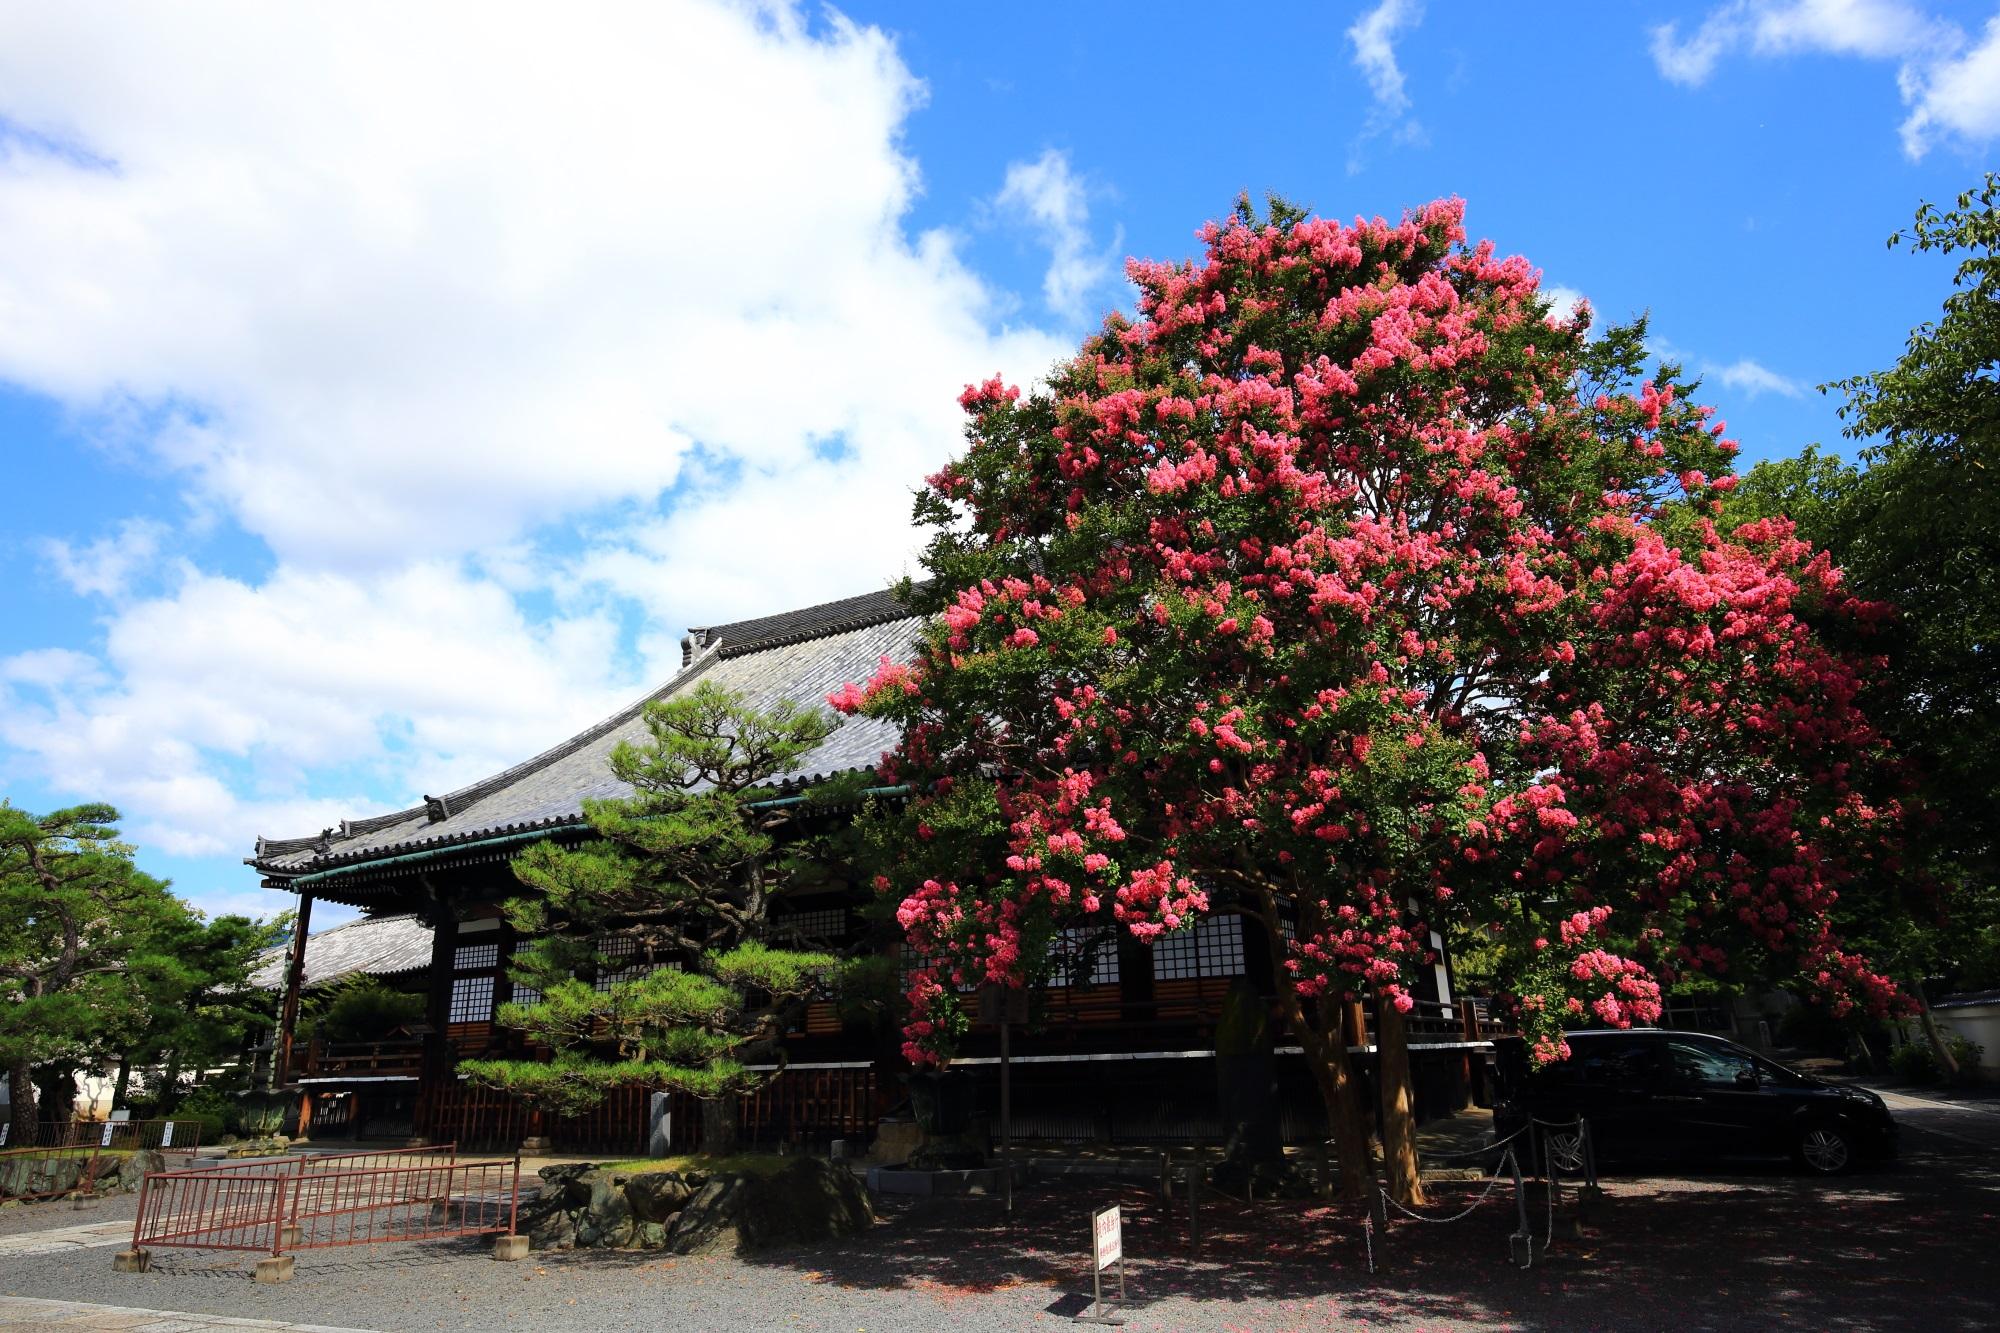 本隆寺の素晴らしい百日紅の花と夏の情景